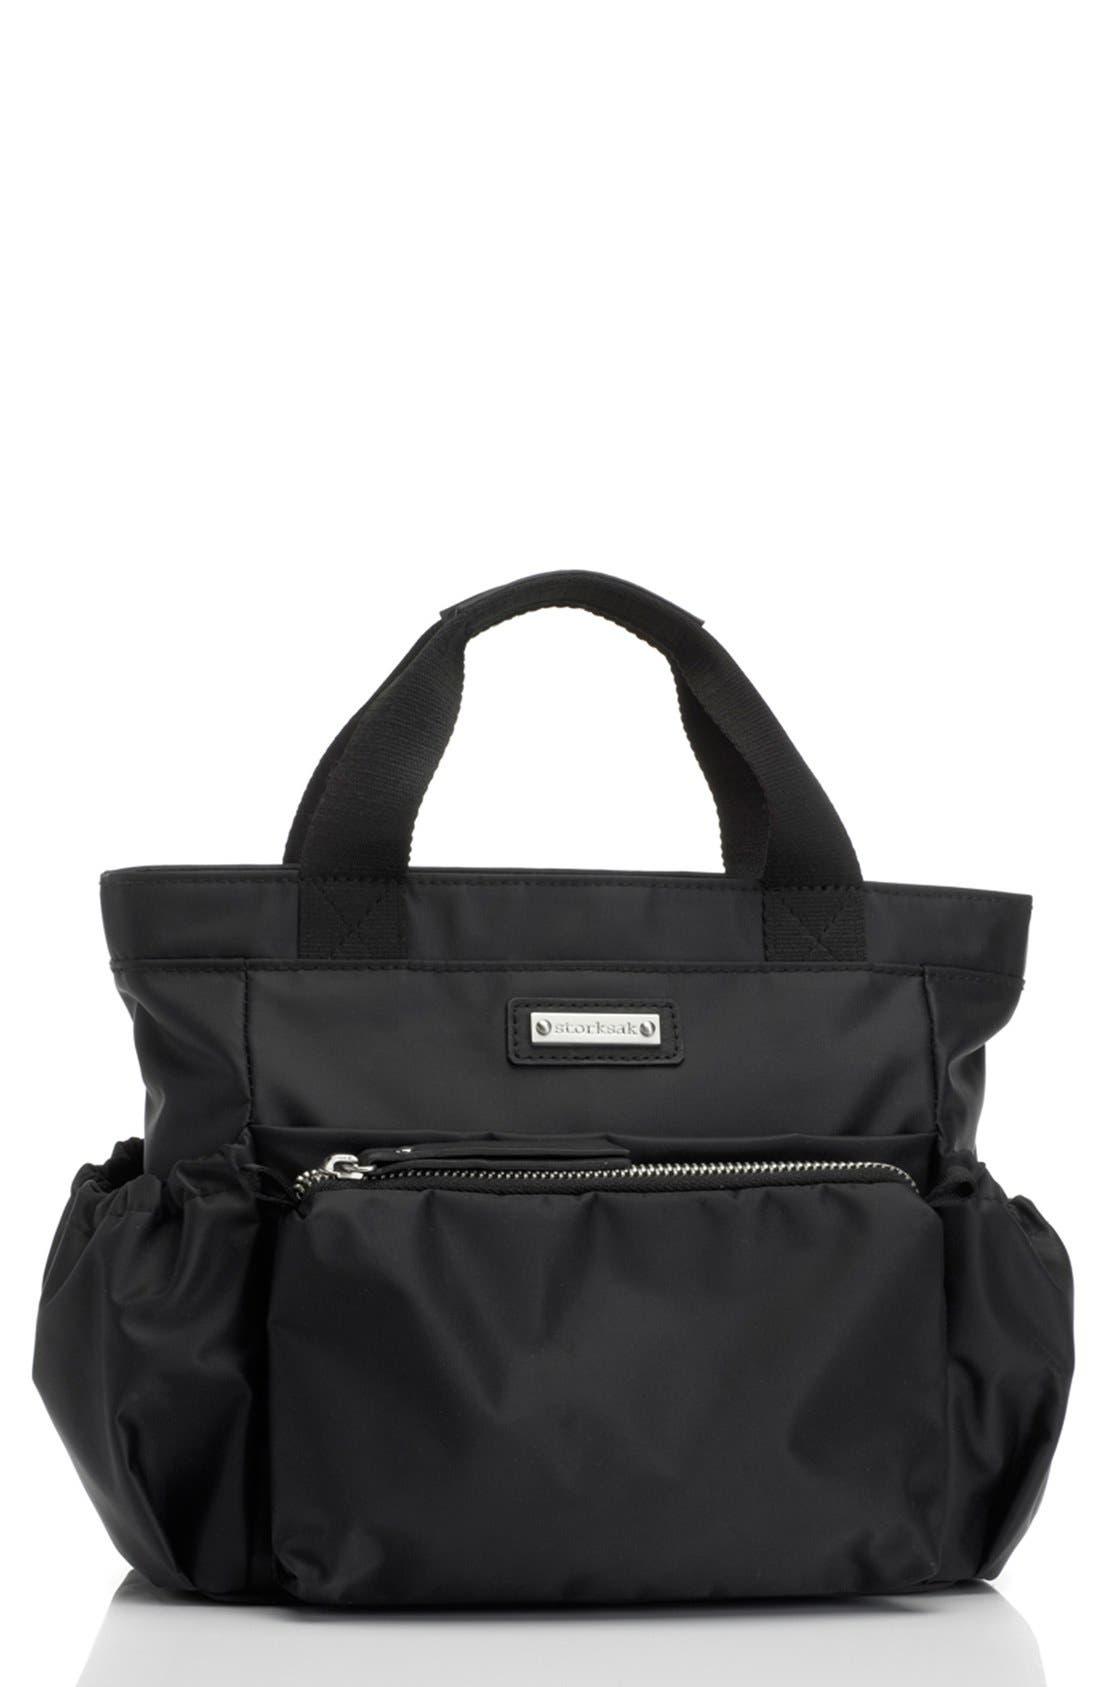 Main Image - Storksak 'SOS' Diaper Bag